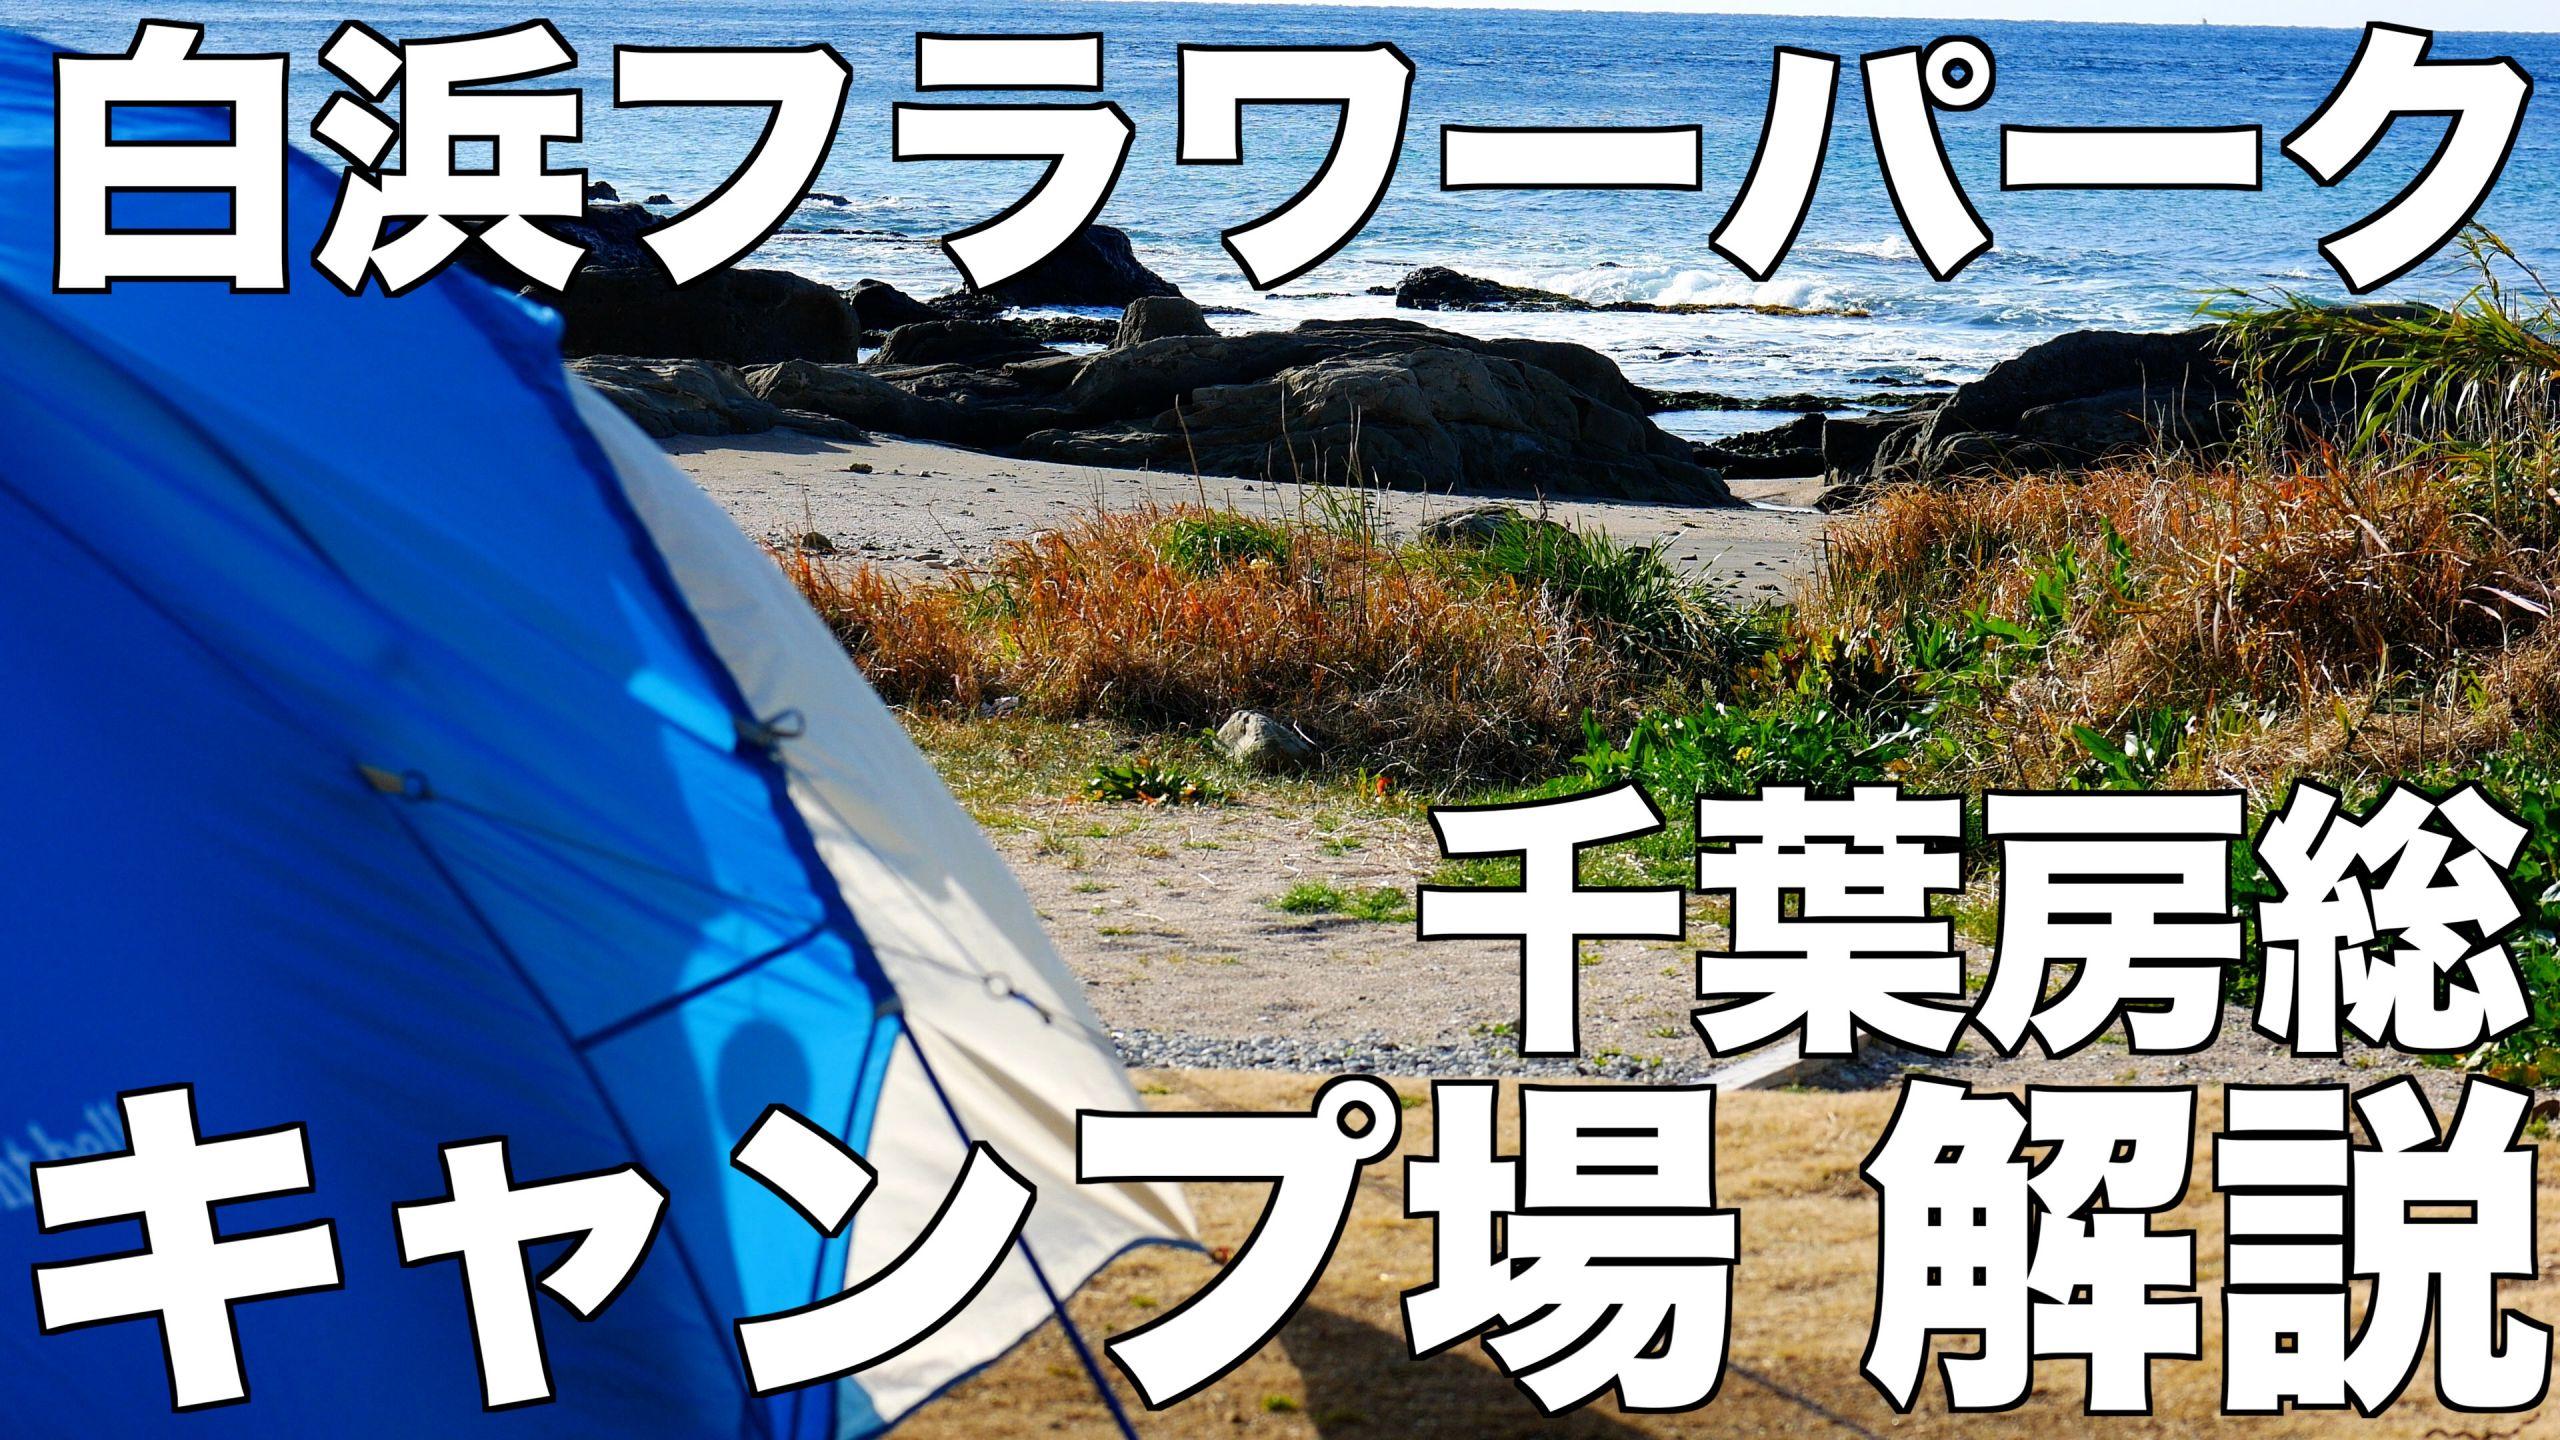 千葉房総・白浜フラワーパークでソロキャンプ!和食とキャンプを楽しんできました